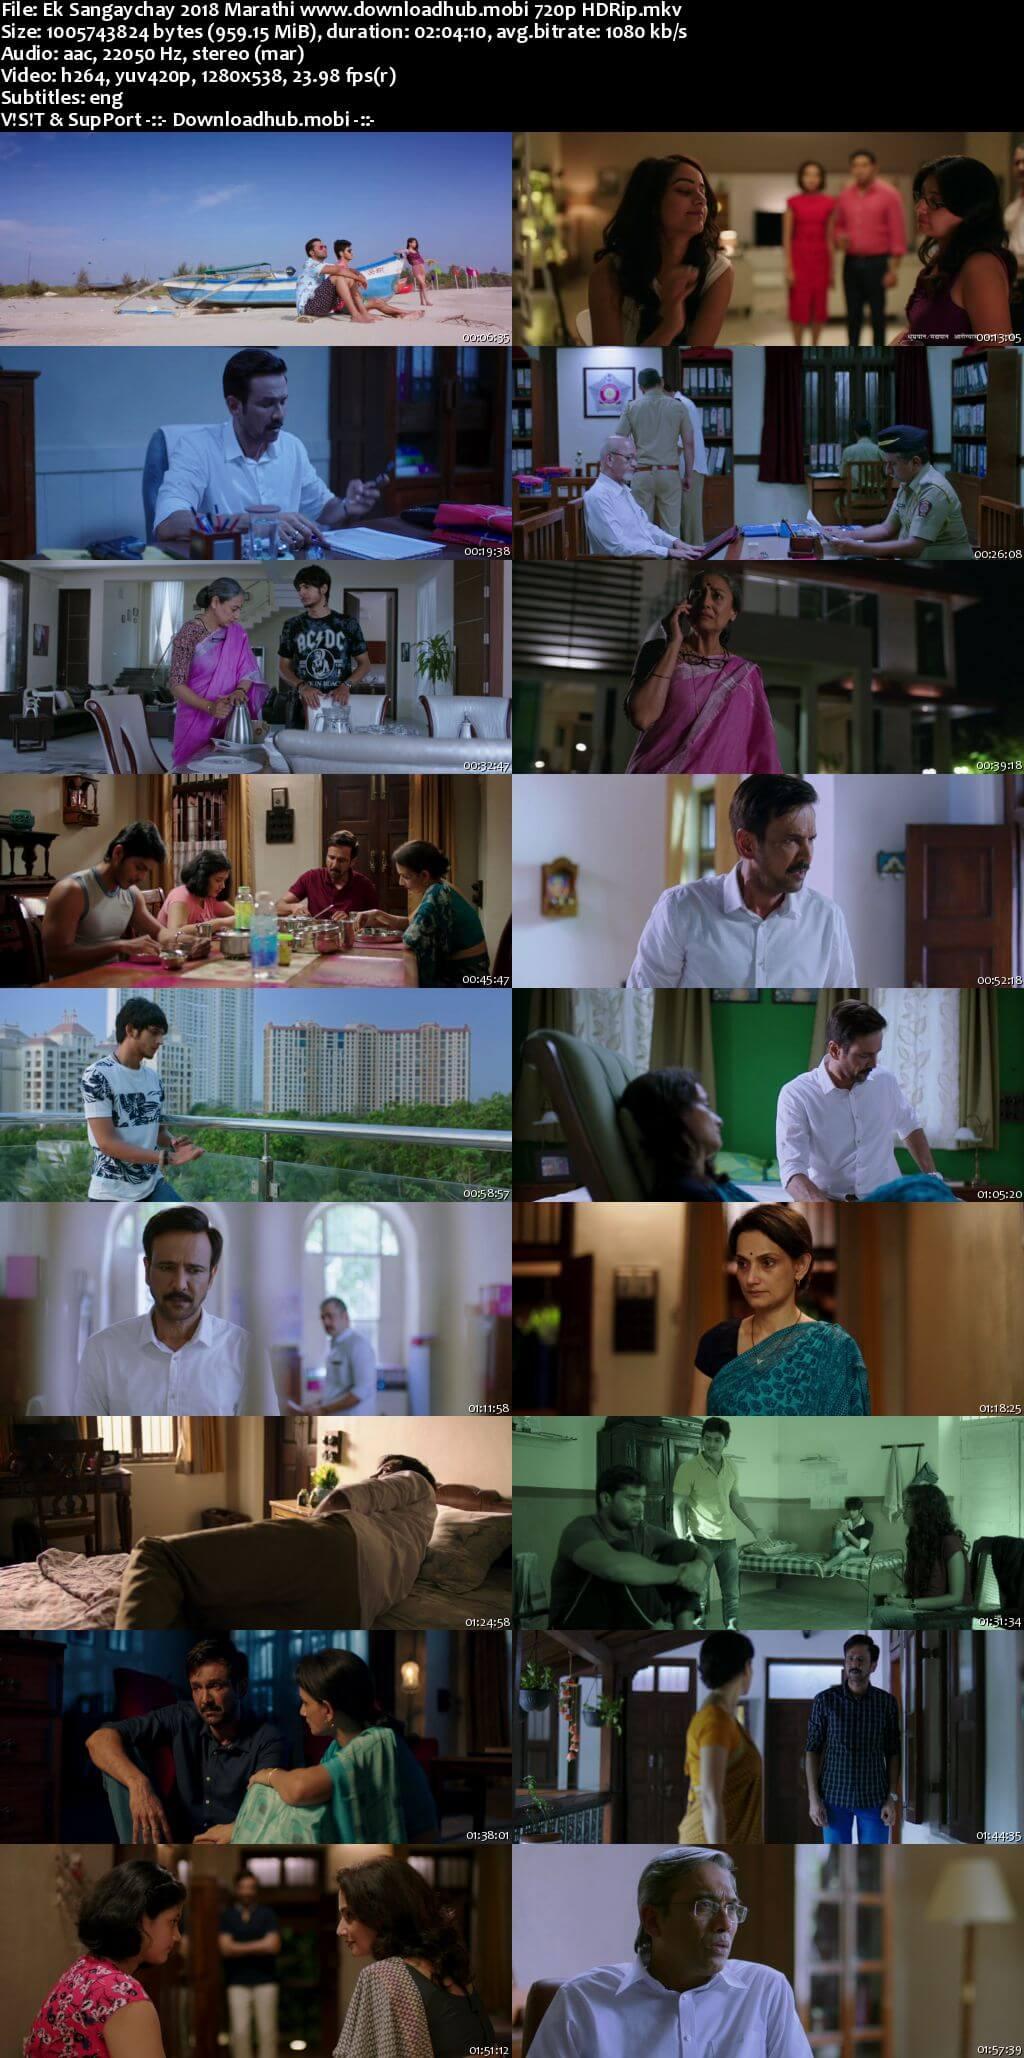 Ek Sangaychay 2018 Marathi 720p HDRip ESubs